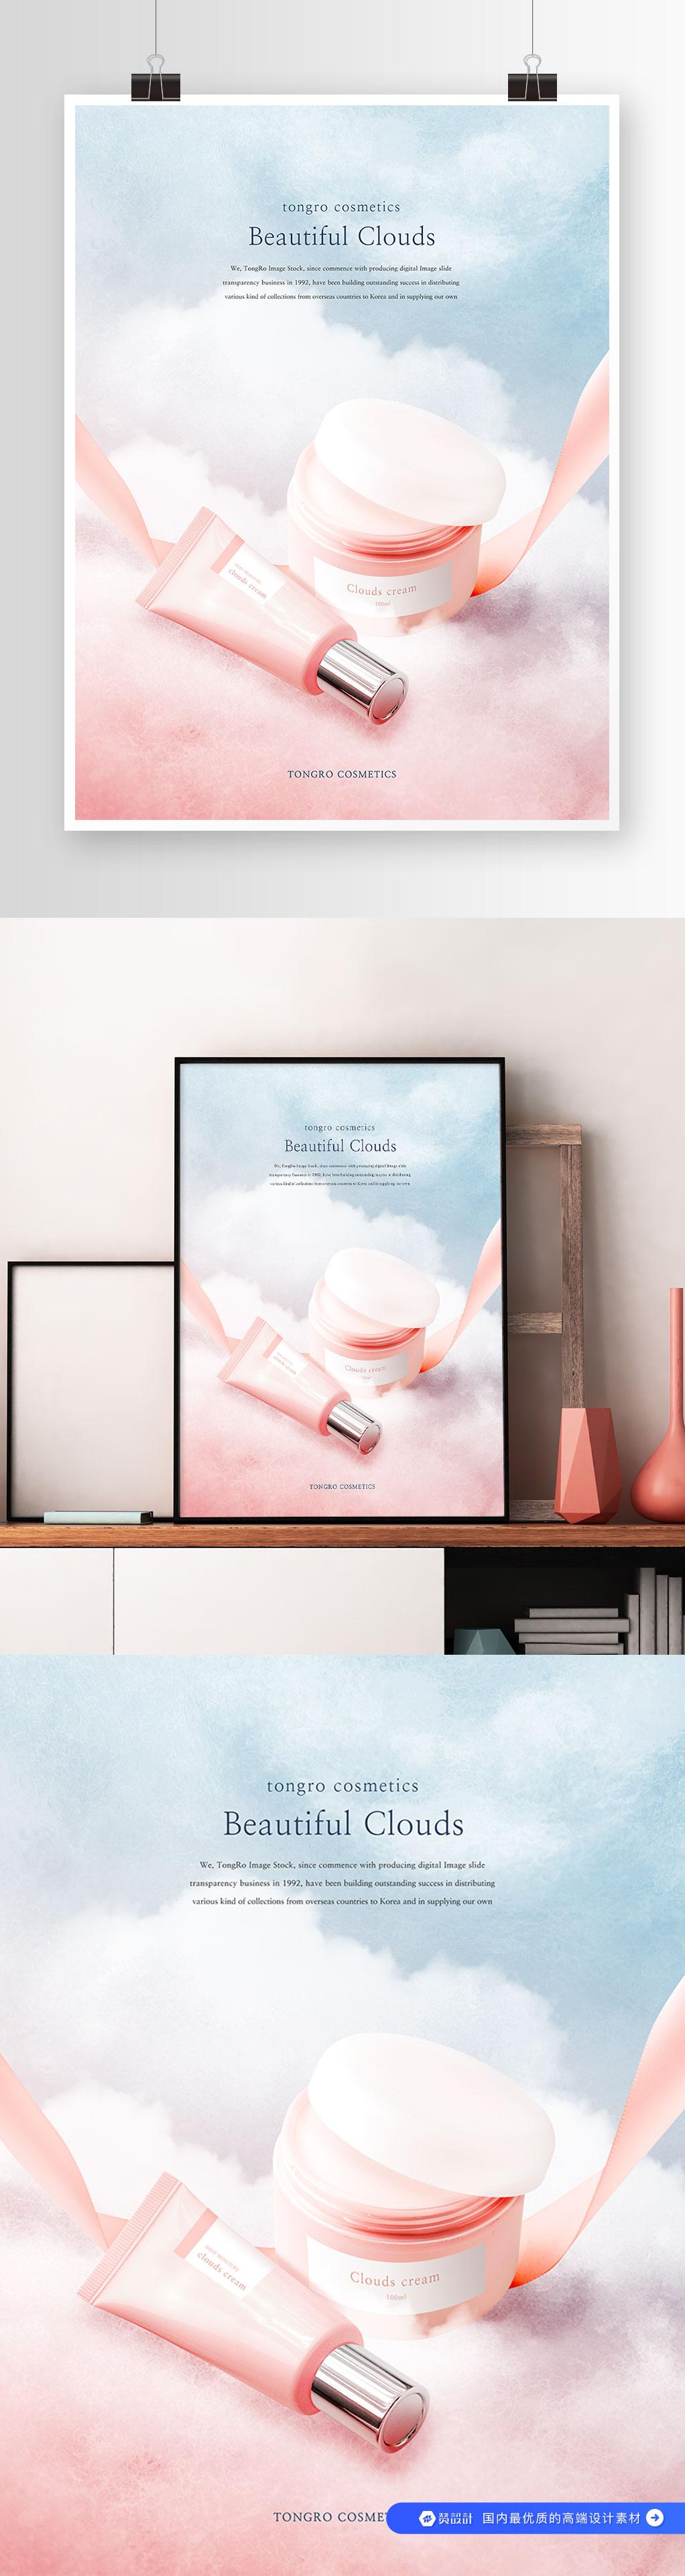 粉红套装美白锁水美妆海报